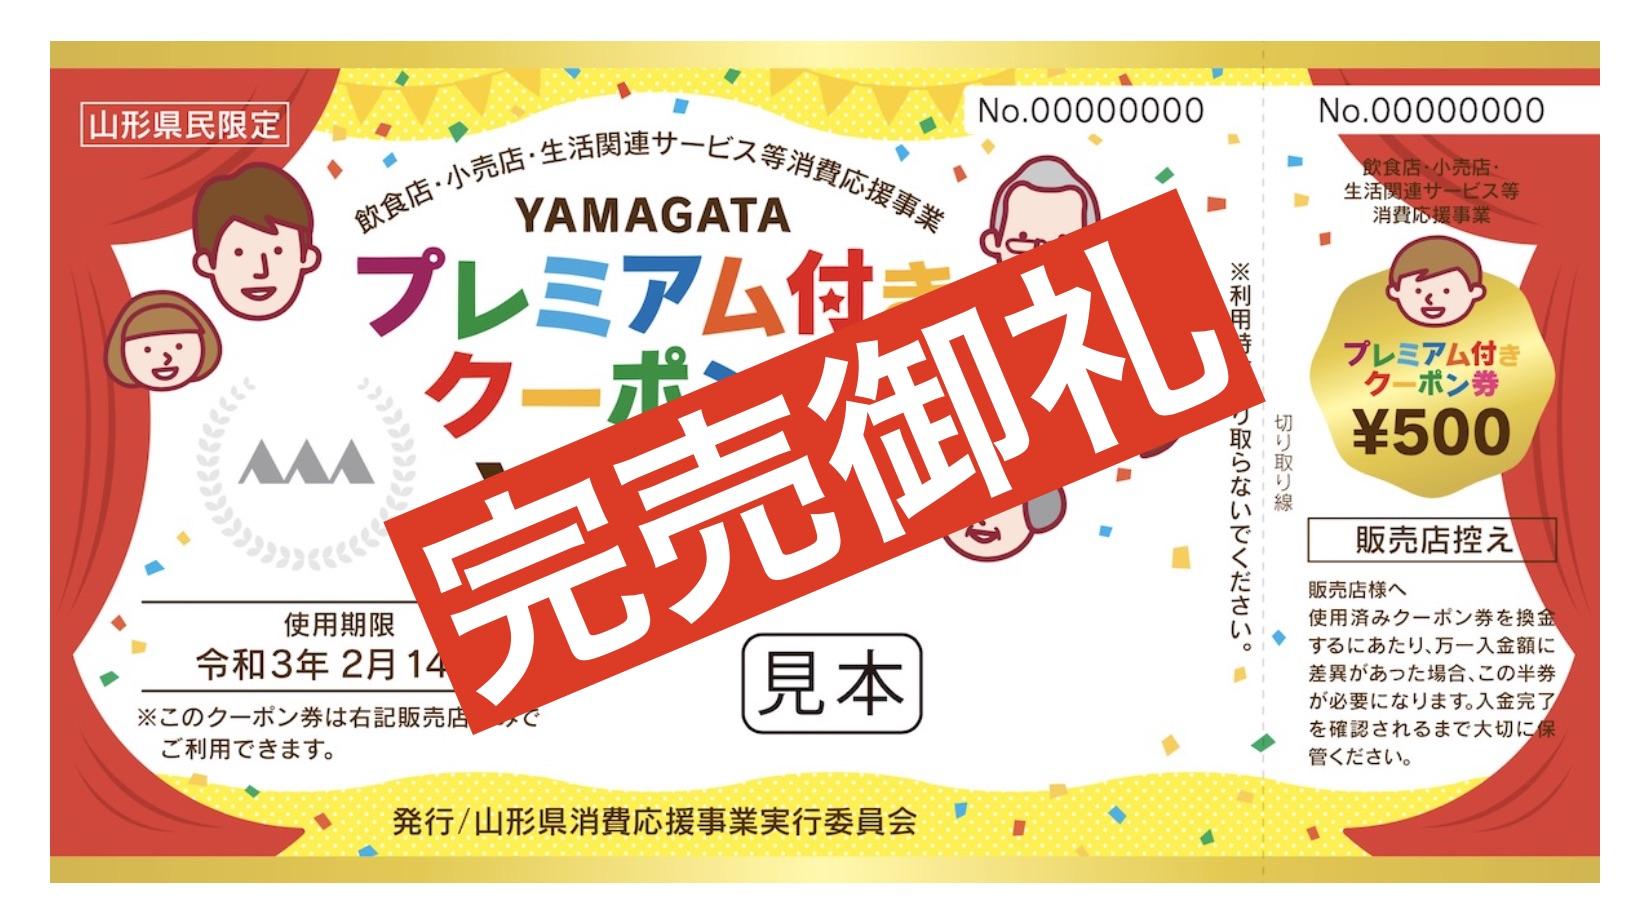 「山形県プレミアム付きクーポン券」完売しました!!